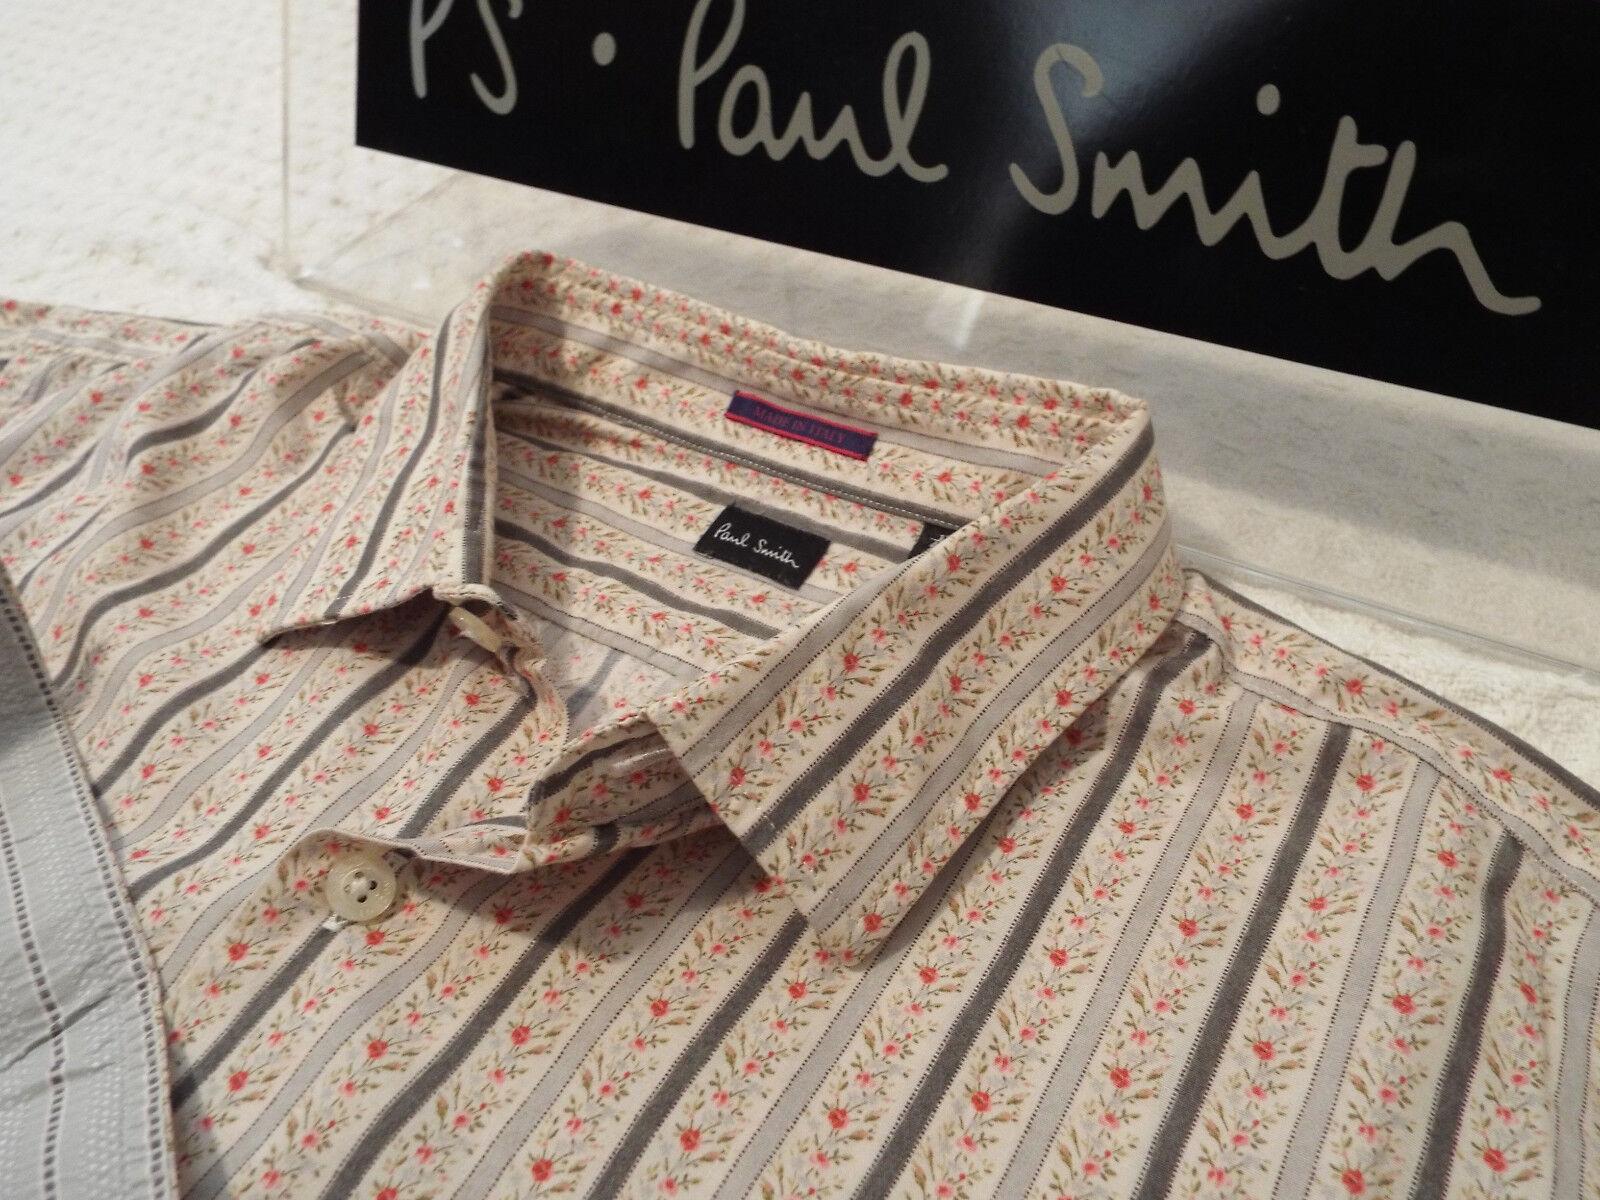 Paul Smith Da Uomo Camicia  (Taglia 17  circonferenza petto 44 )  RRP +  a righe stile floreale